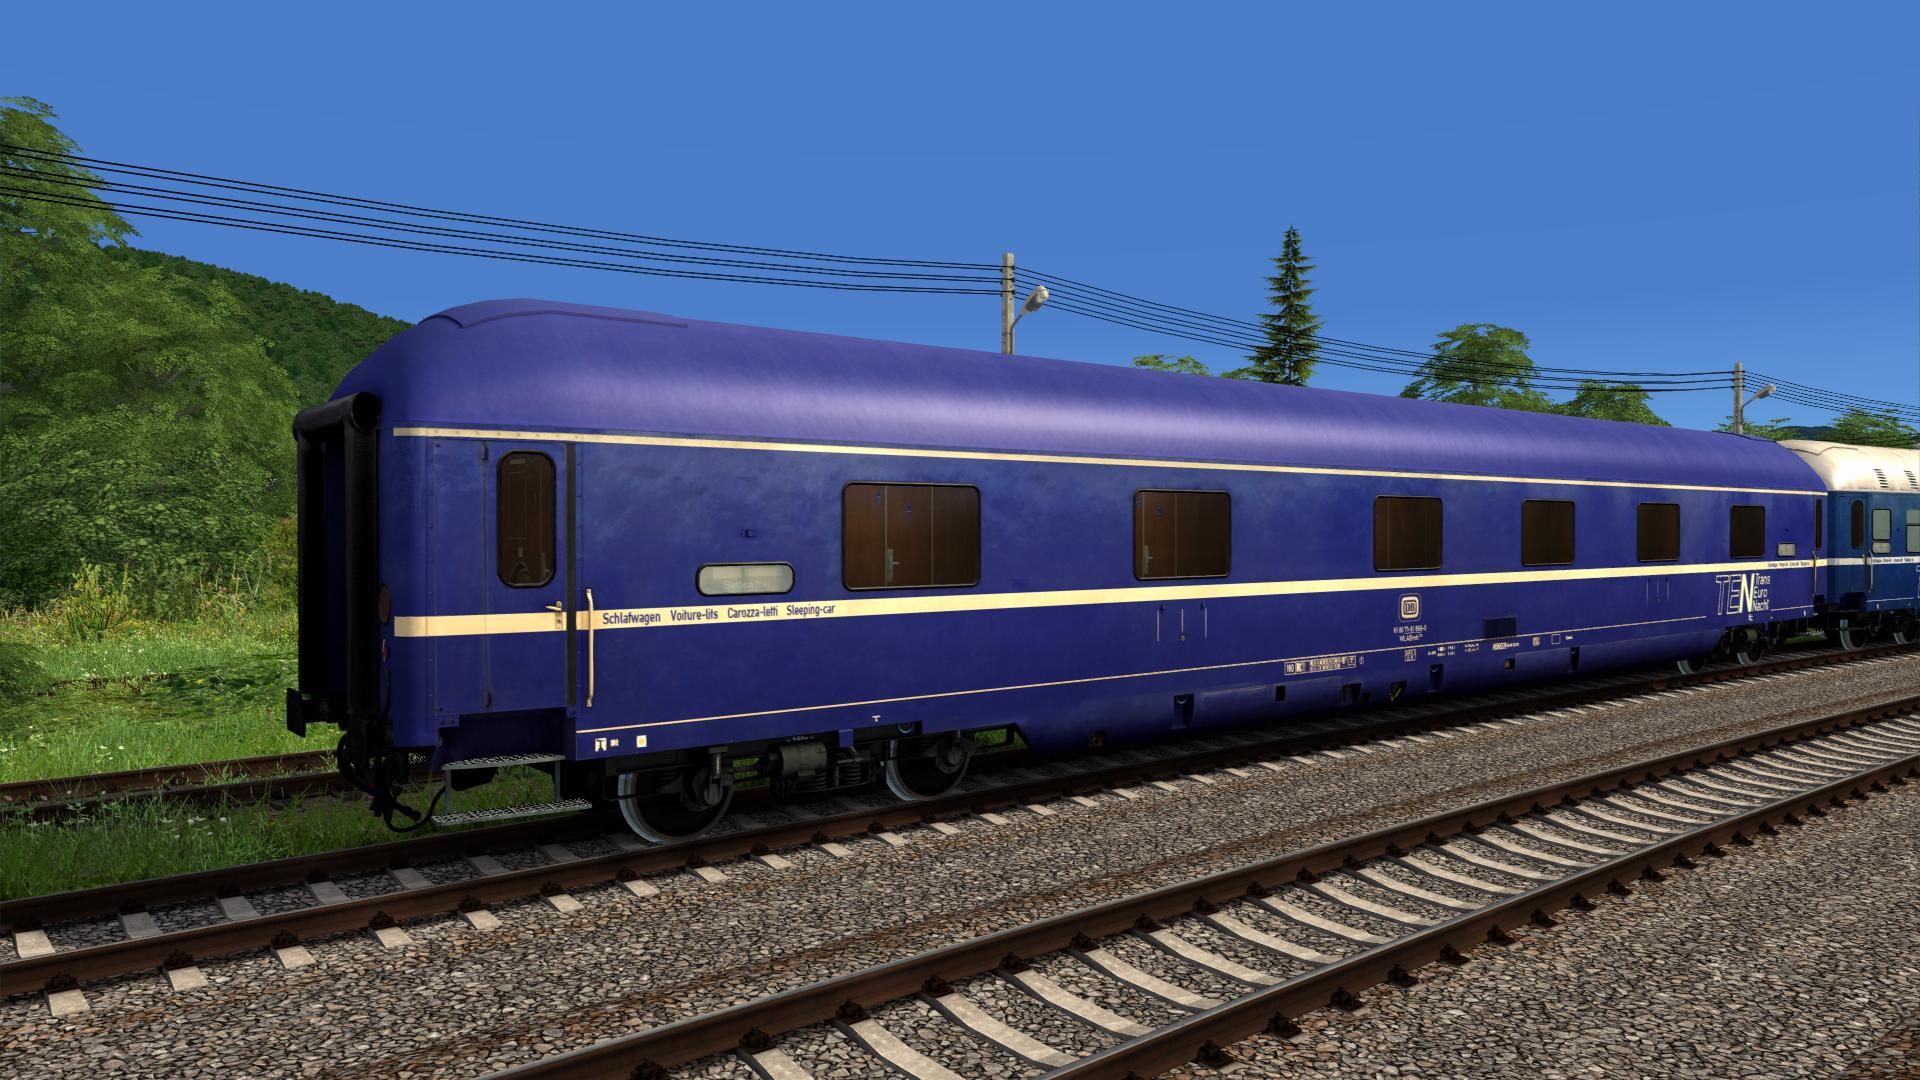 RailWorks64 2021-03-21 15-27-03